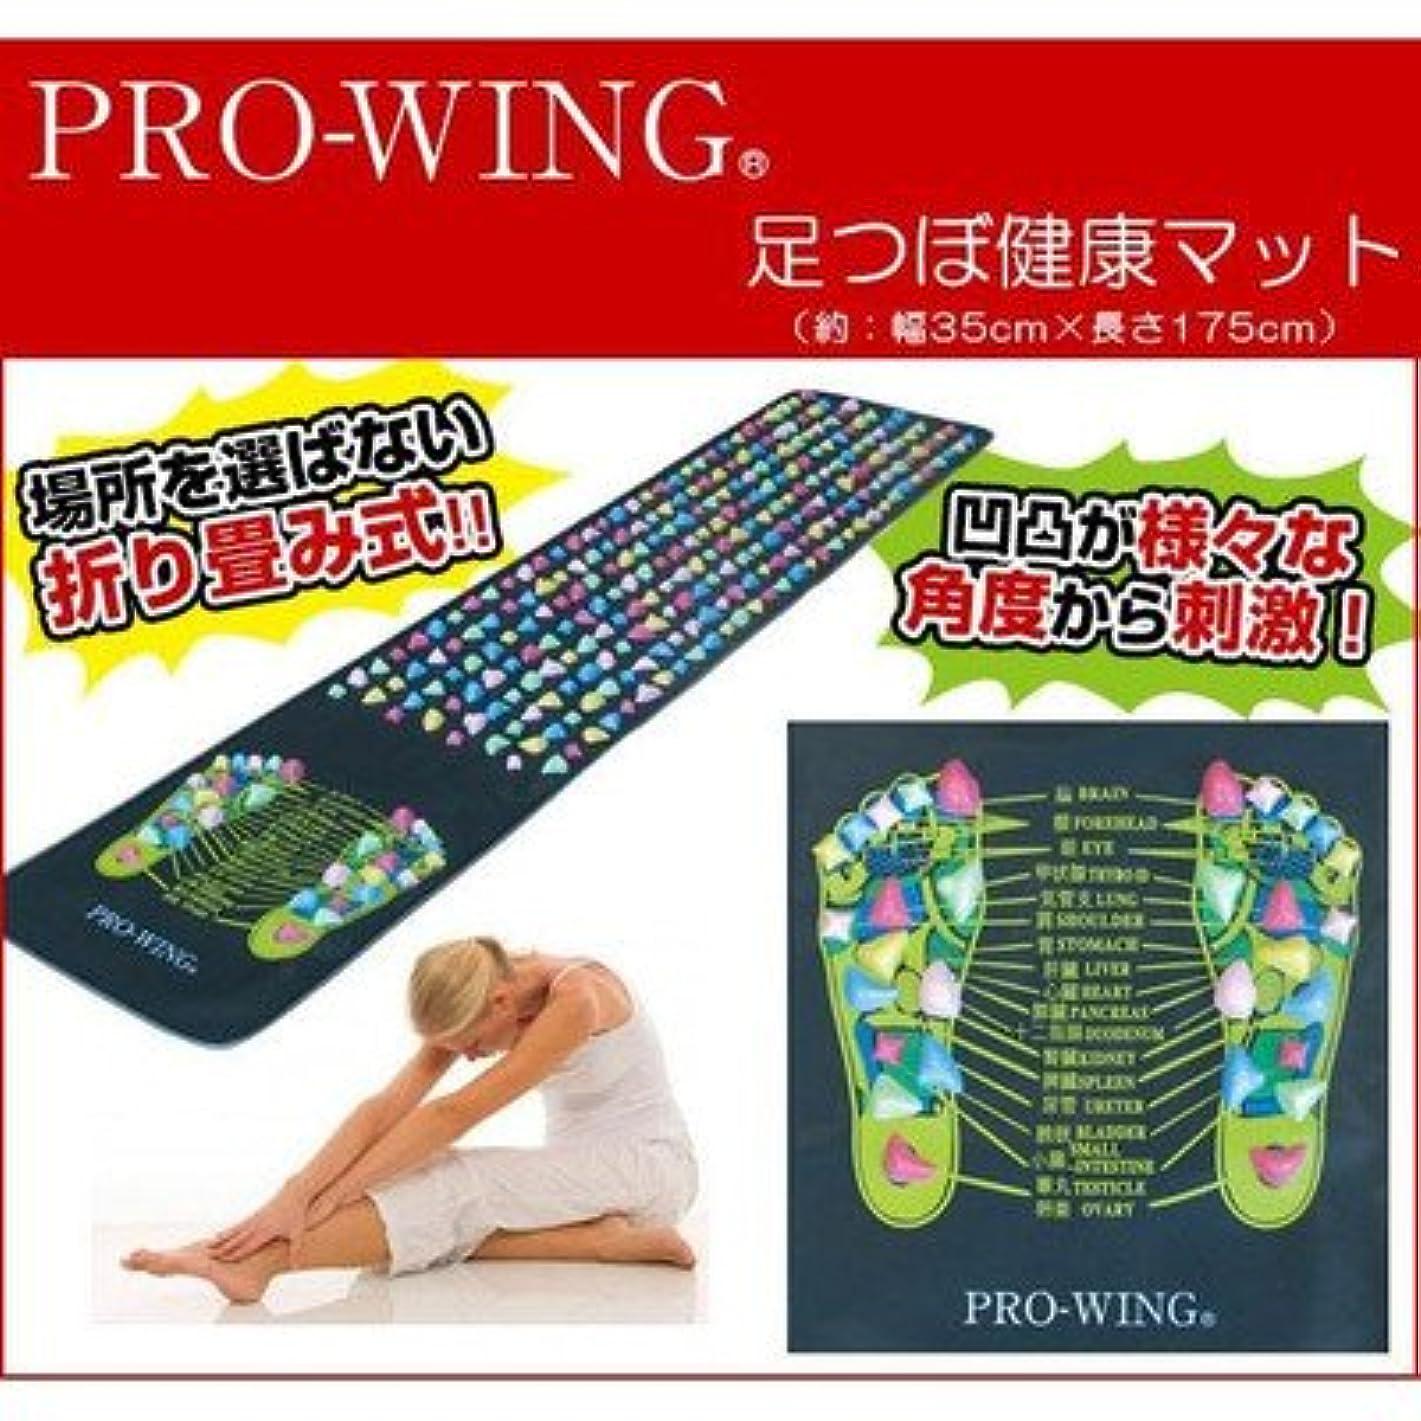 篭質素な賢明なカラフルで可愛らしい凹凸が様々な角度から刺激 PRO-WING プロウィング 足つぼ健康マット PWF-1001